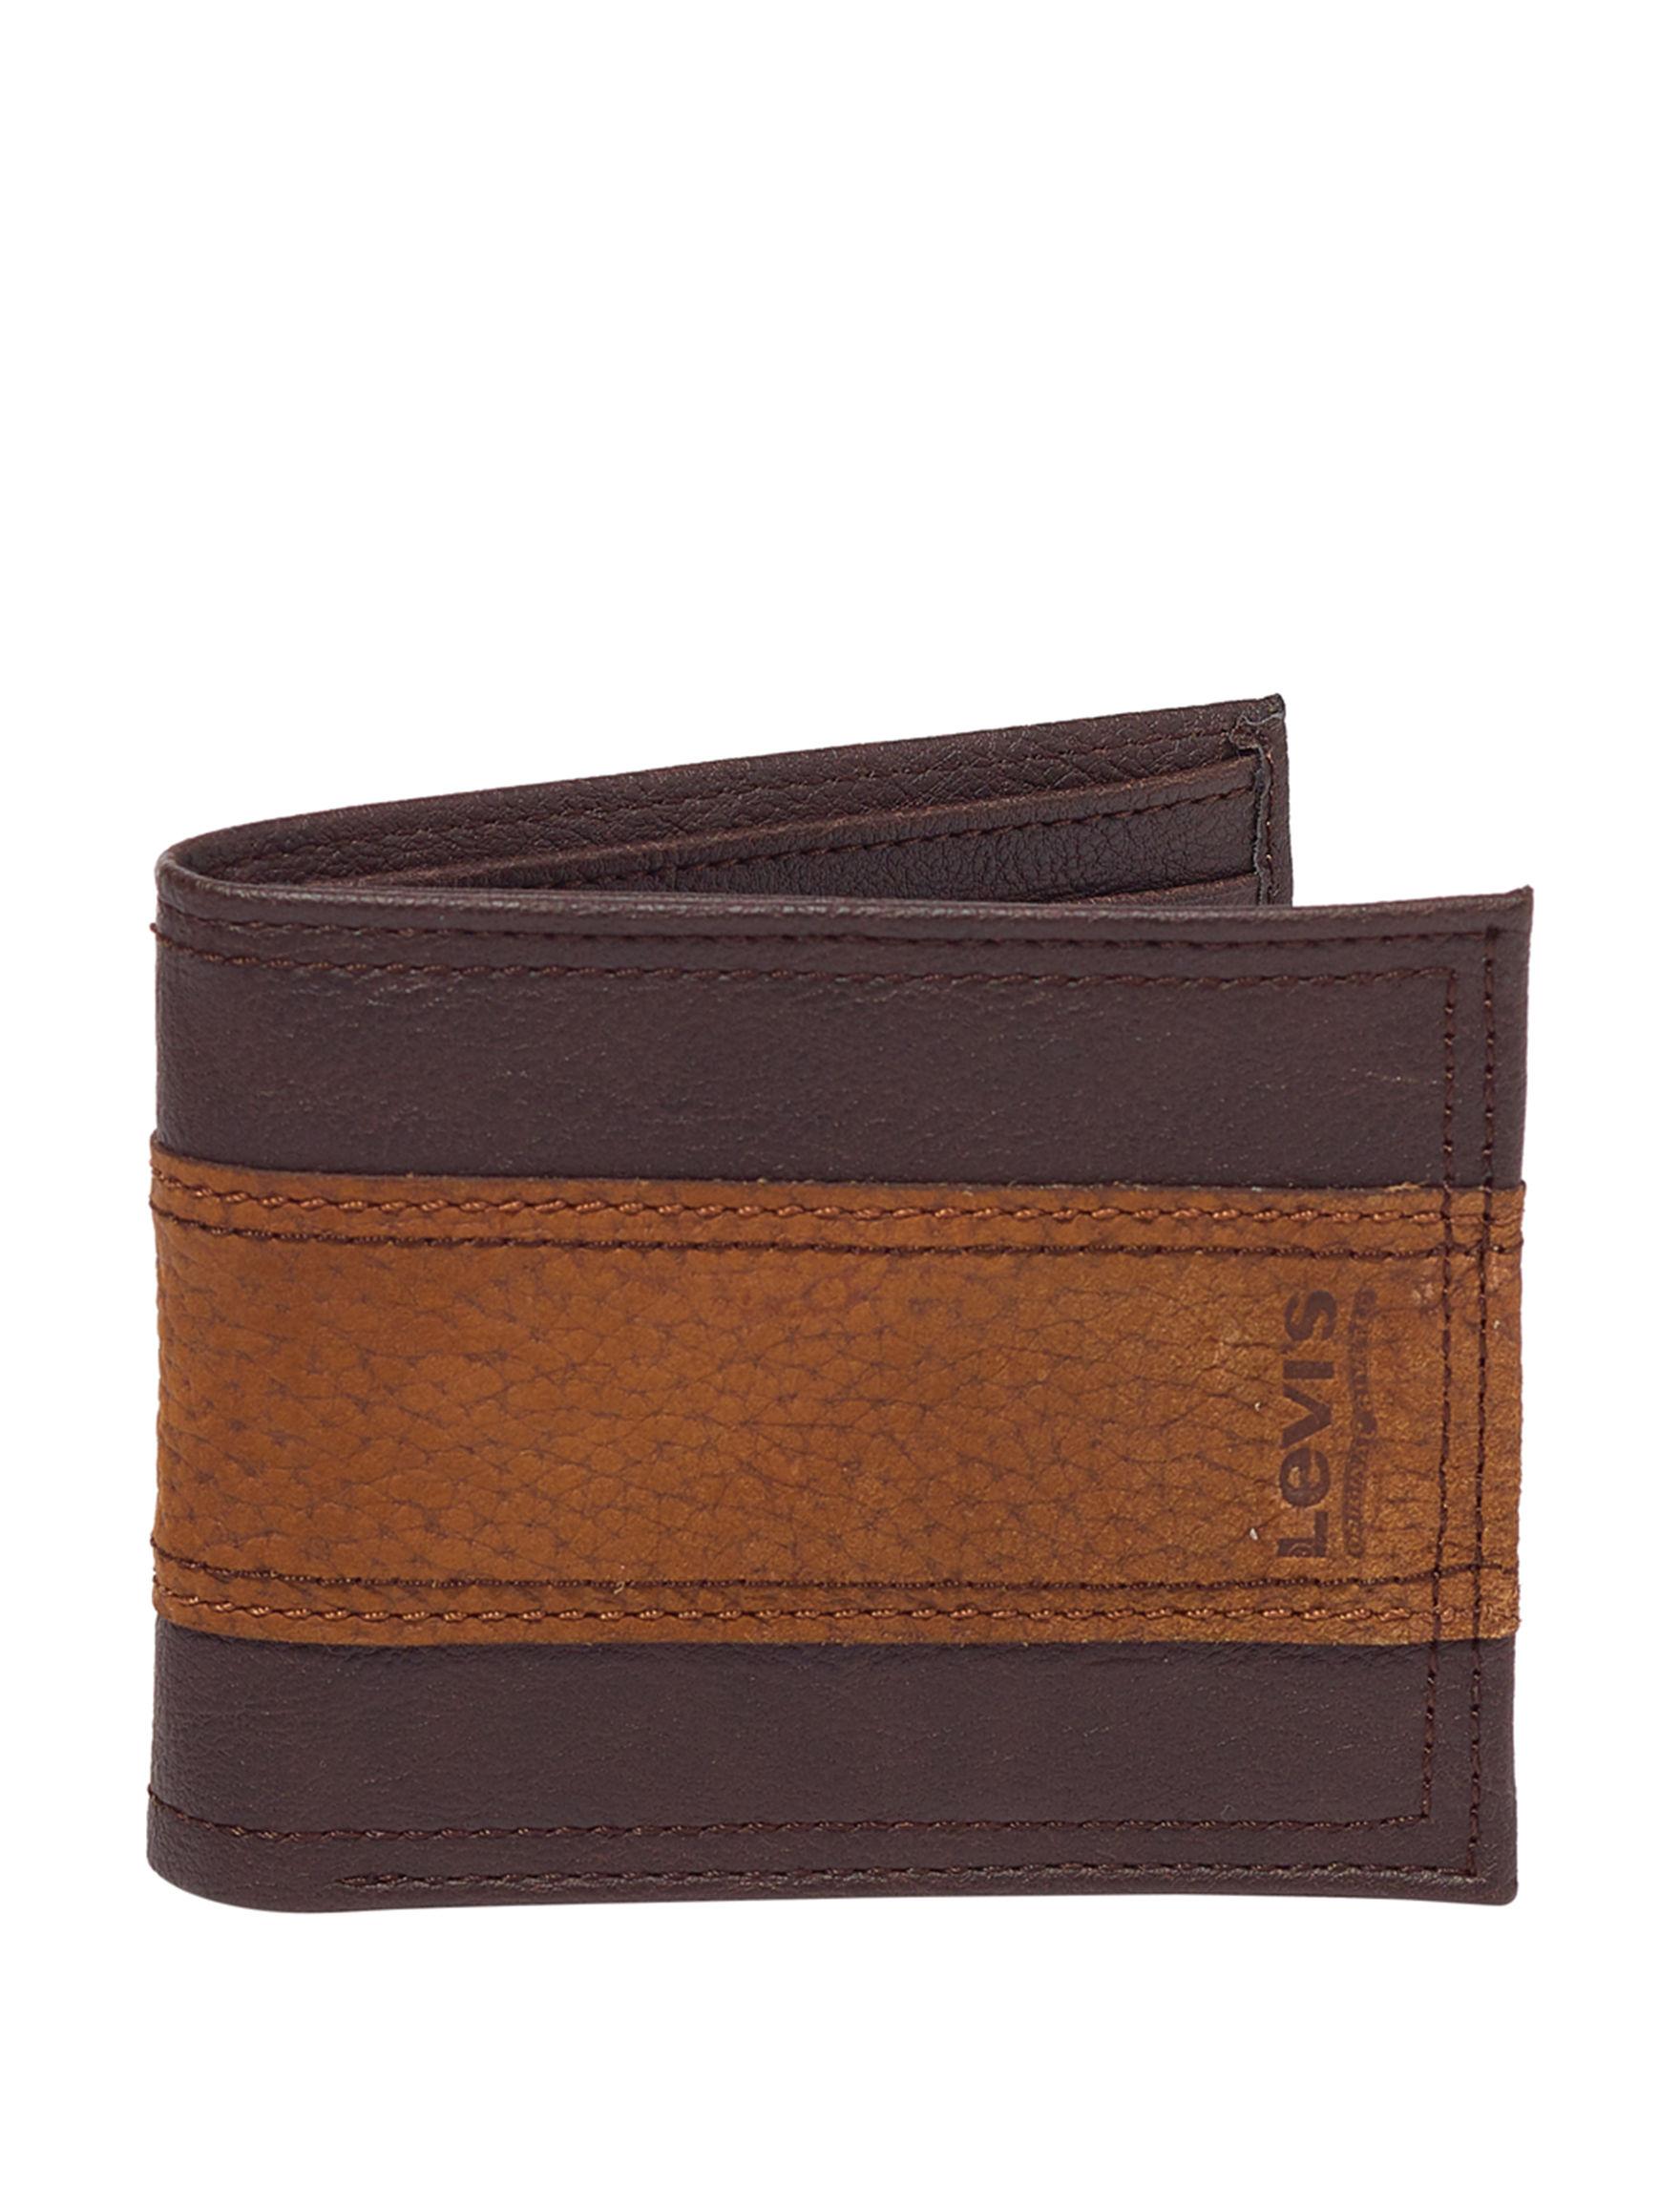 Levi's Brown Bi-fold Wallets